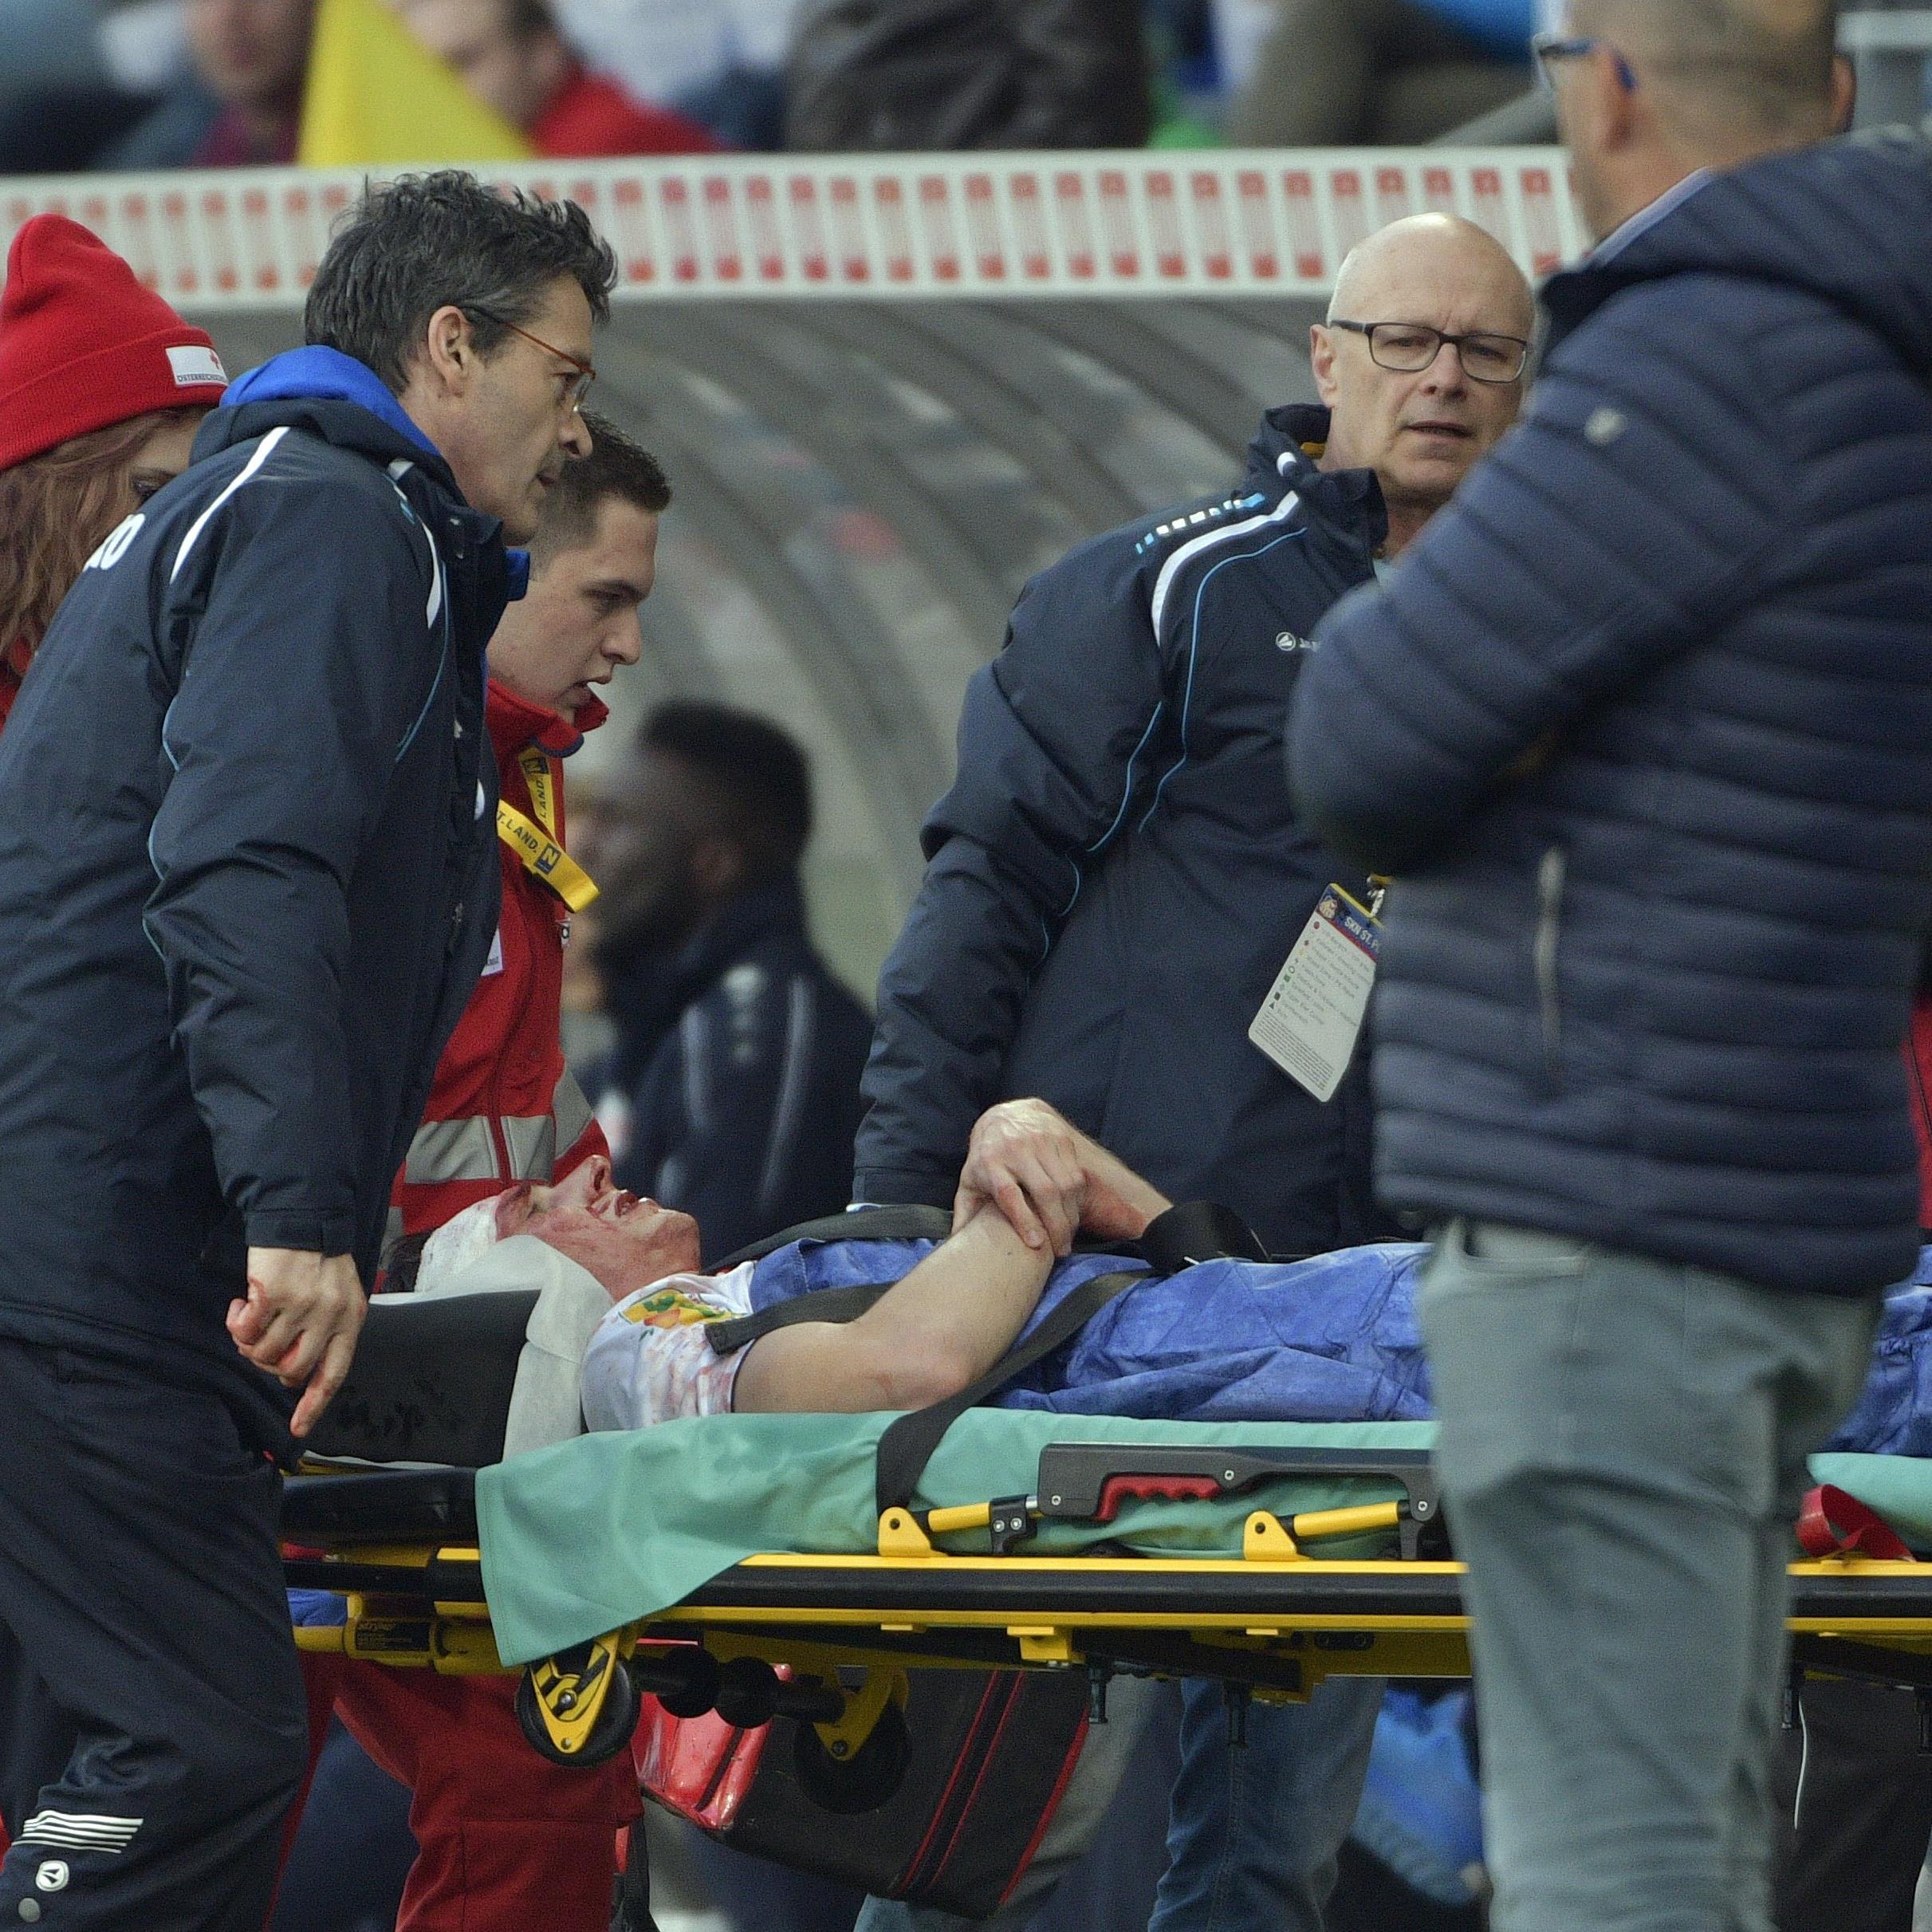 Der kurzzeitig bewusstlose Zech wurde ins Krankenhaus St. Pölten gebracht, am Montag konnte er dieses verlassen.